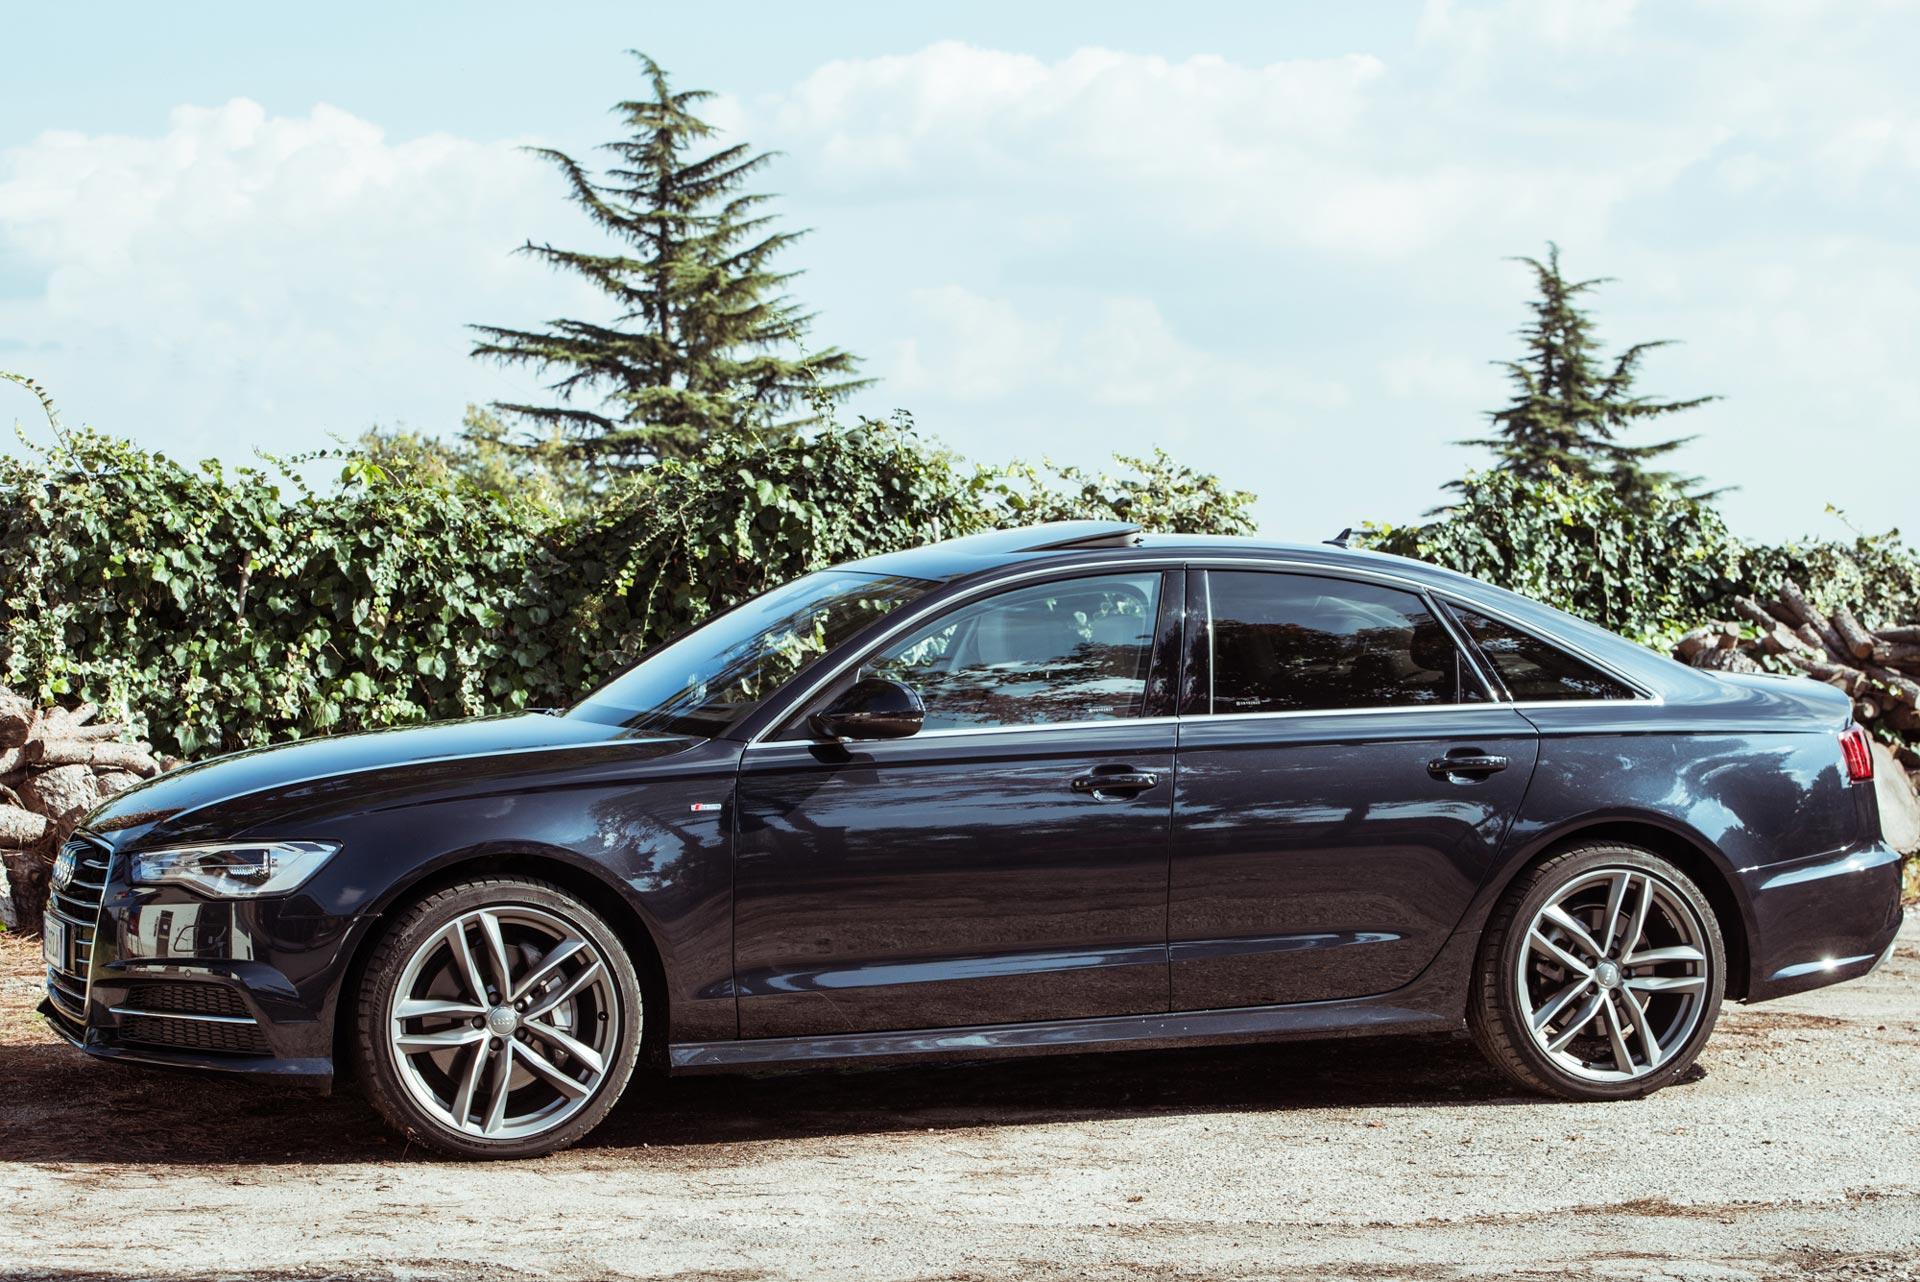 Audi A6 Pasqualini Noleggio Con Conducente Verona 2